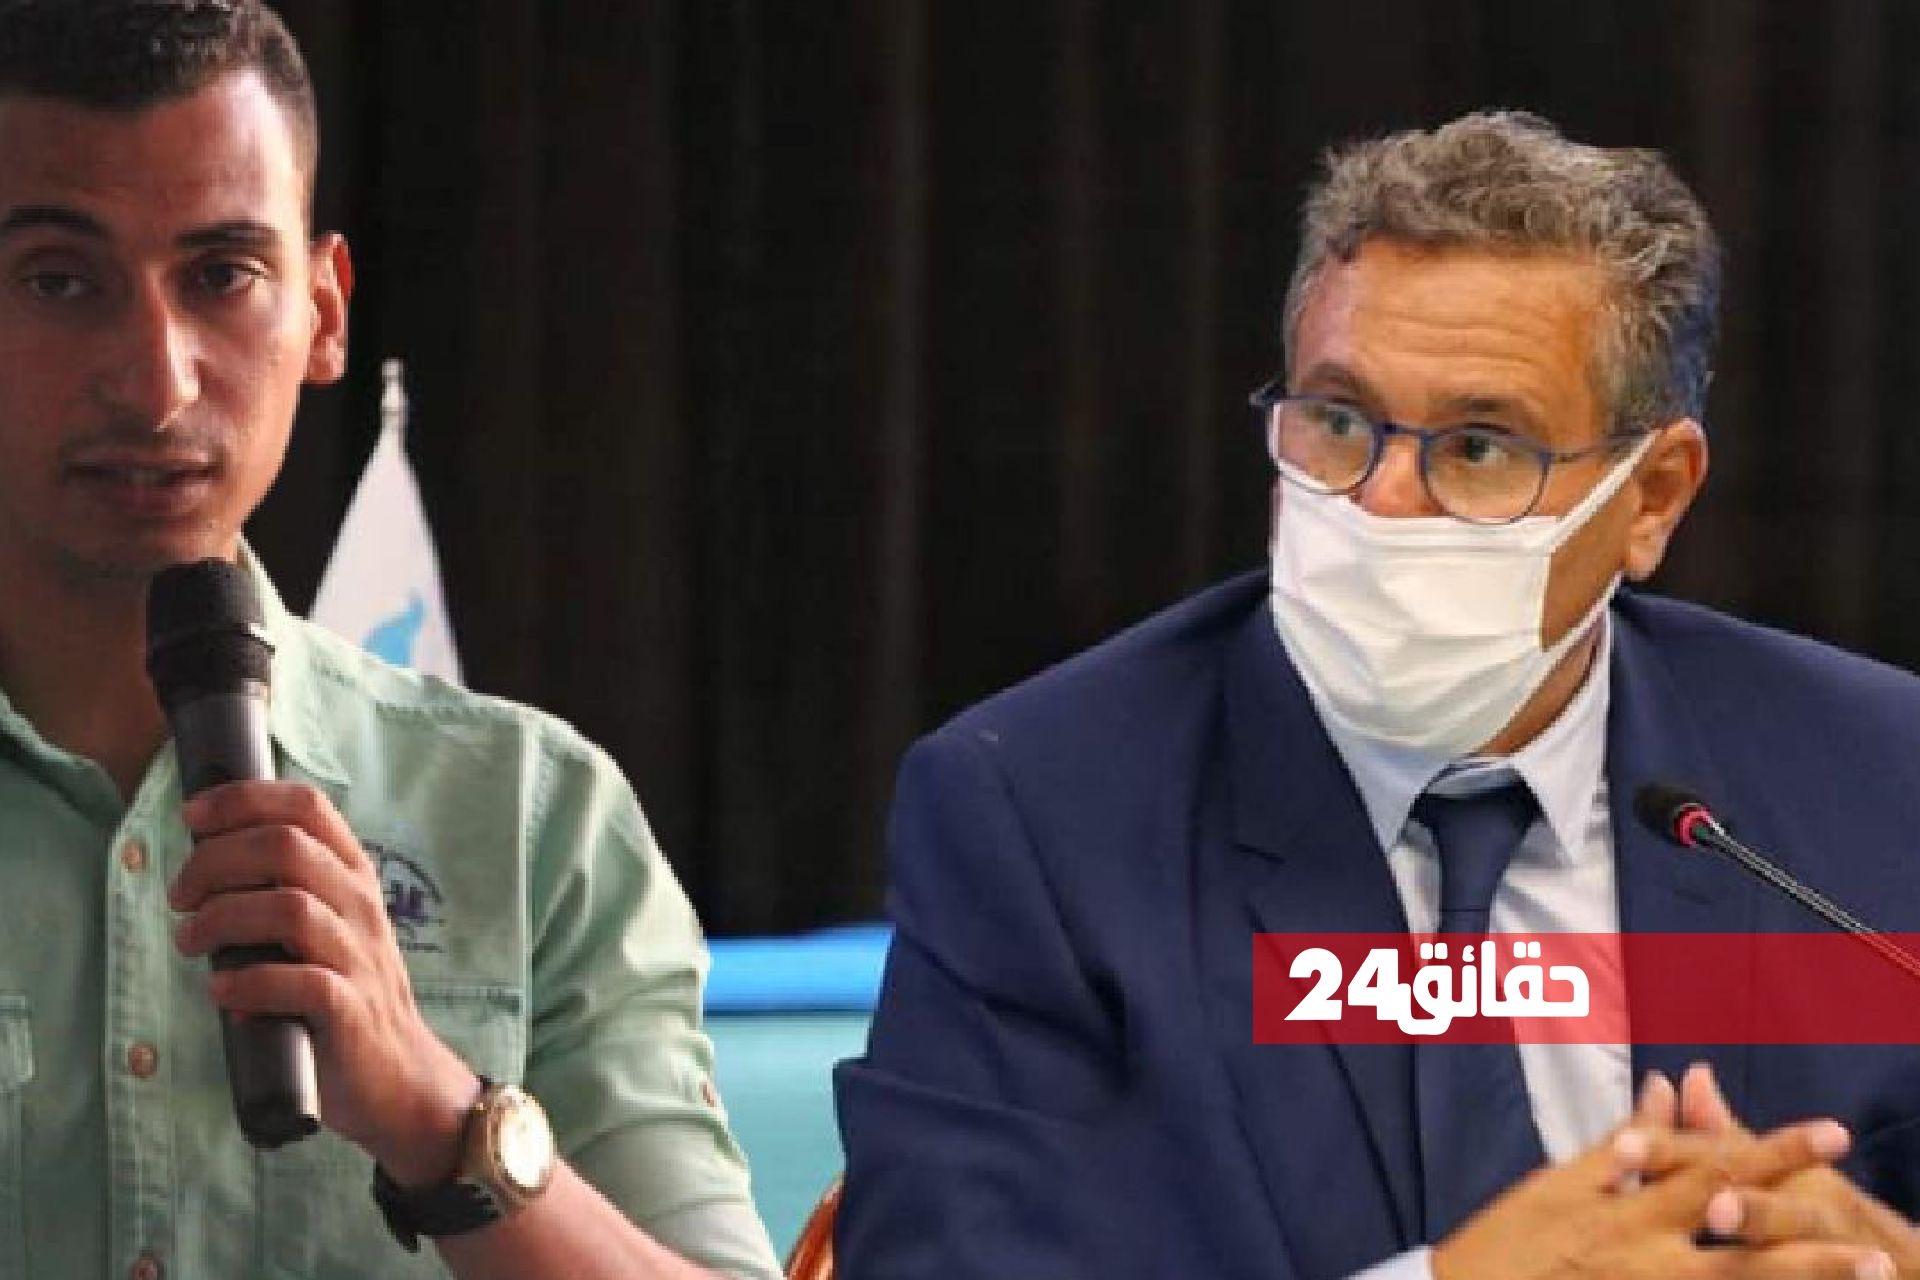 """صورة تجميد عضوية ناشط تجمعي انتقد إقصاءه من لائحة """"أخنوش"""" واستقطب 1200 شخص لحزبه"""